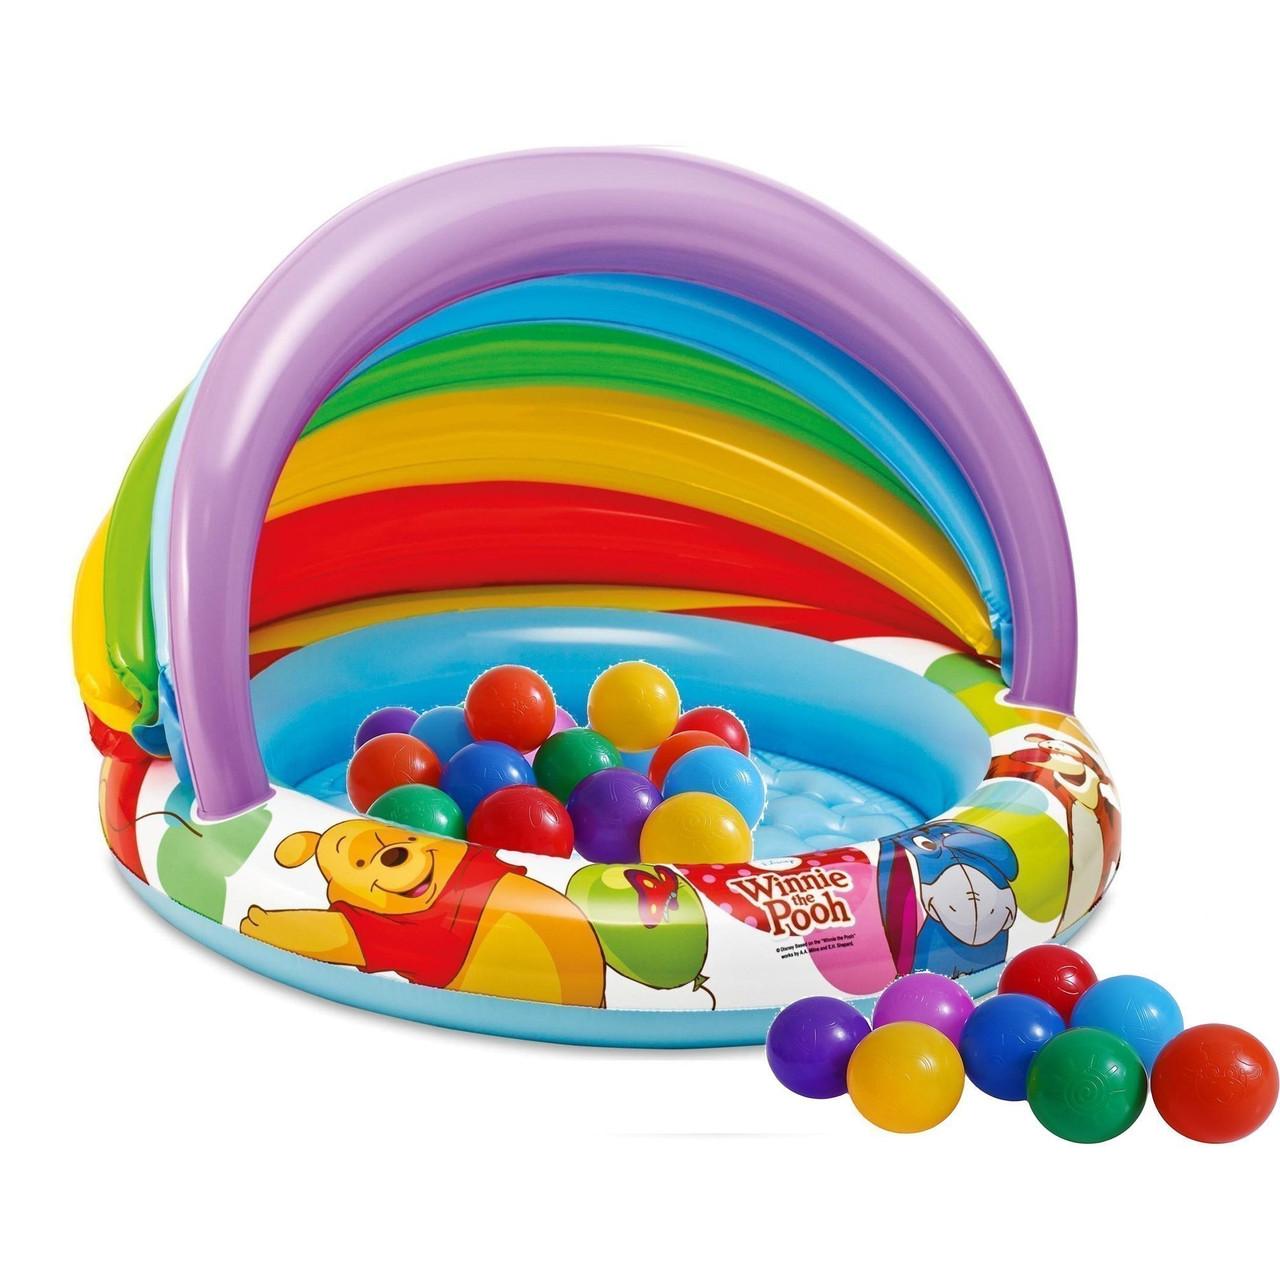 """Детский надувной бассейн Intex """"Винни Пух"""" с навесом, с шариками 30 шт."""